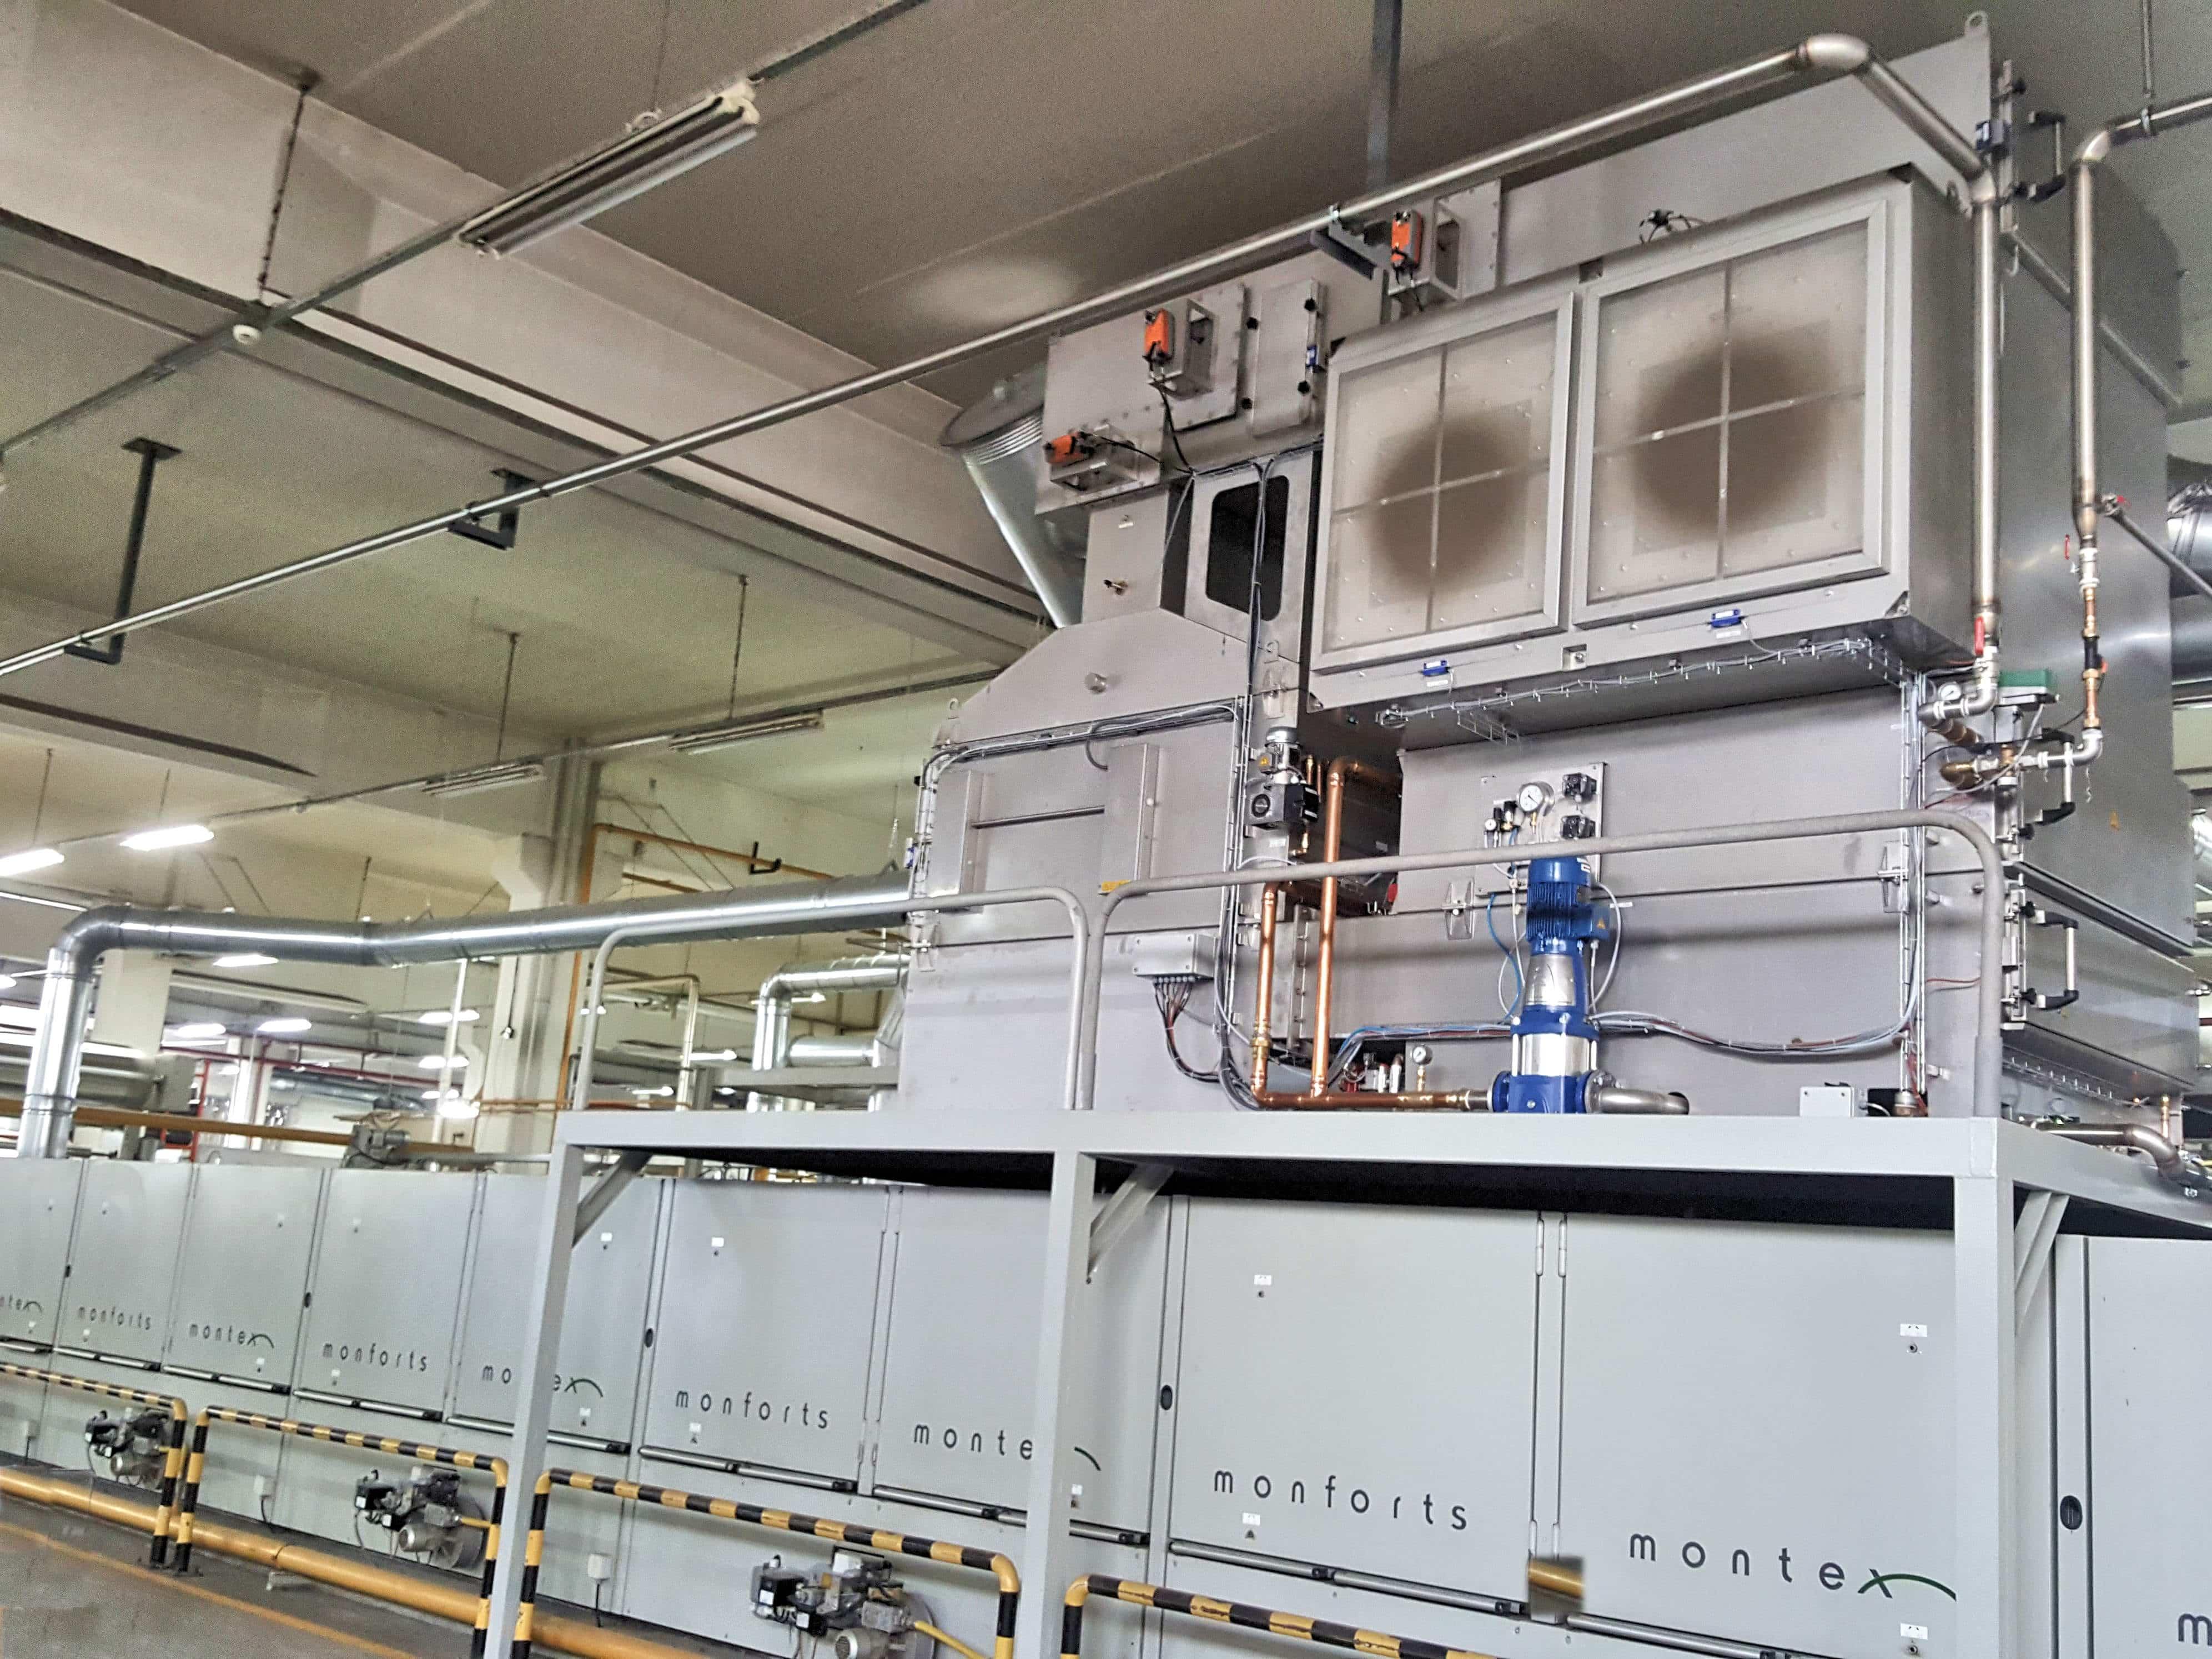 kma-umwelttechnik-luftreinigung-waermerueckgewinnung-spannrahmen